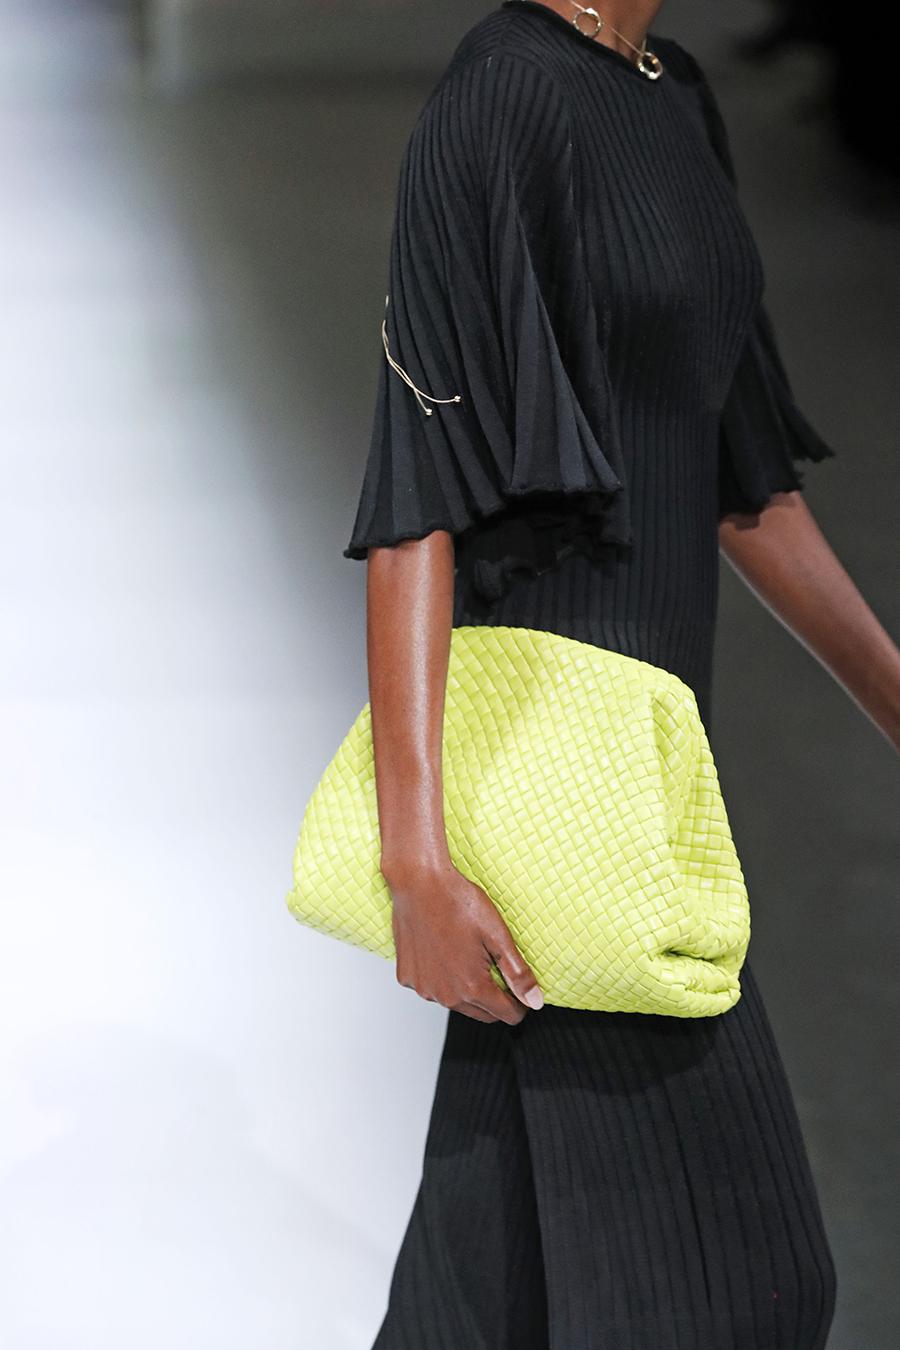 модная сумка мягкий большой клатч осень зима 2020 2021 желтая салатовая плетеная